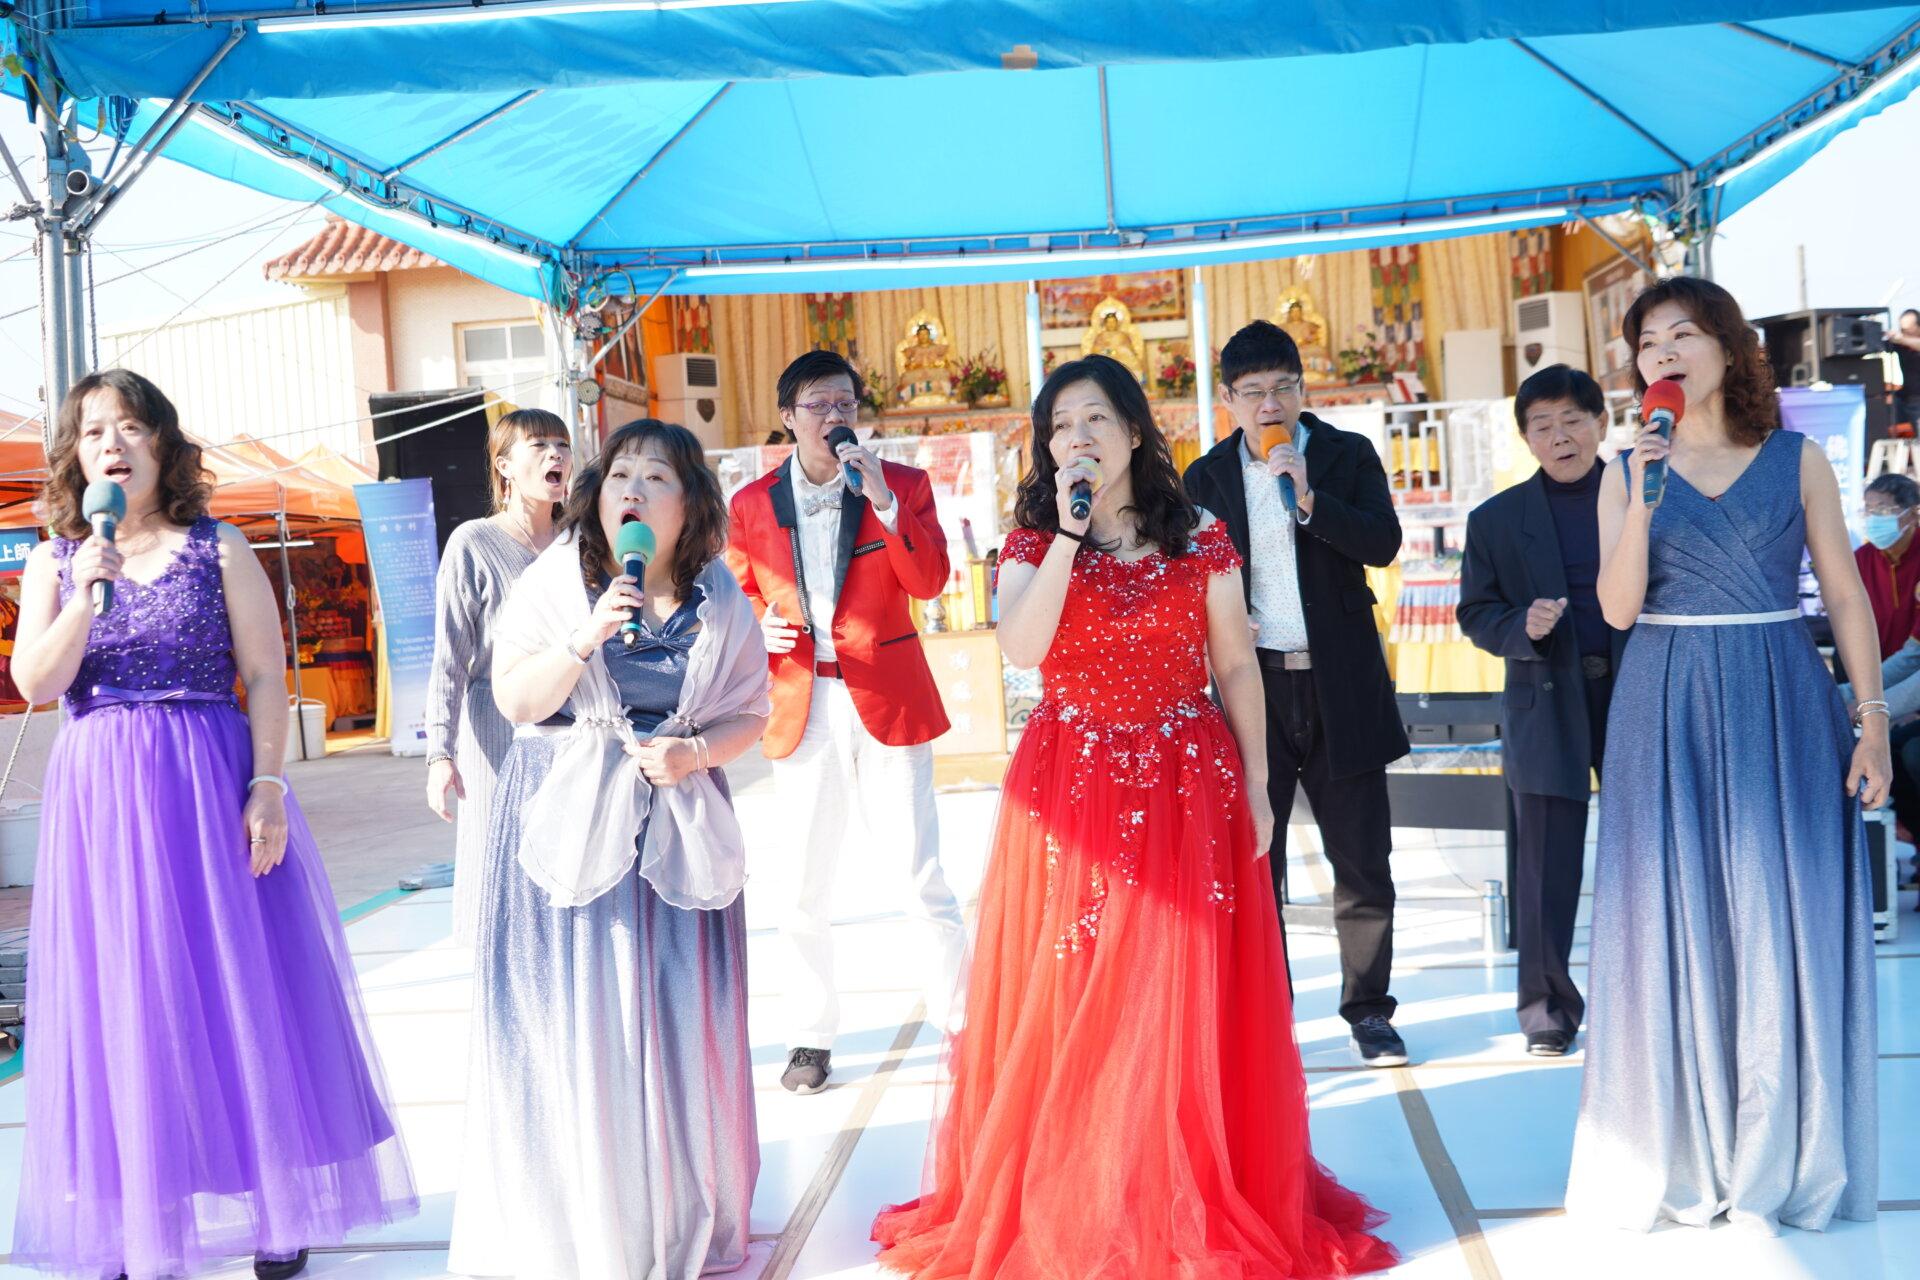 行動佛殿121站台南北門,屏東東港三位歌手&正心合唱團